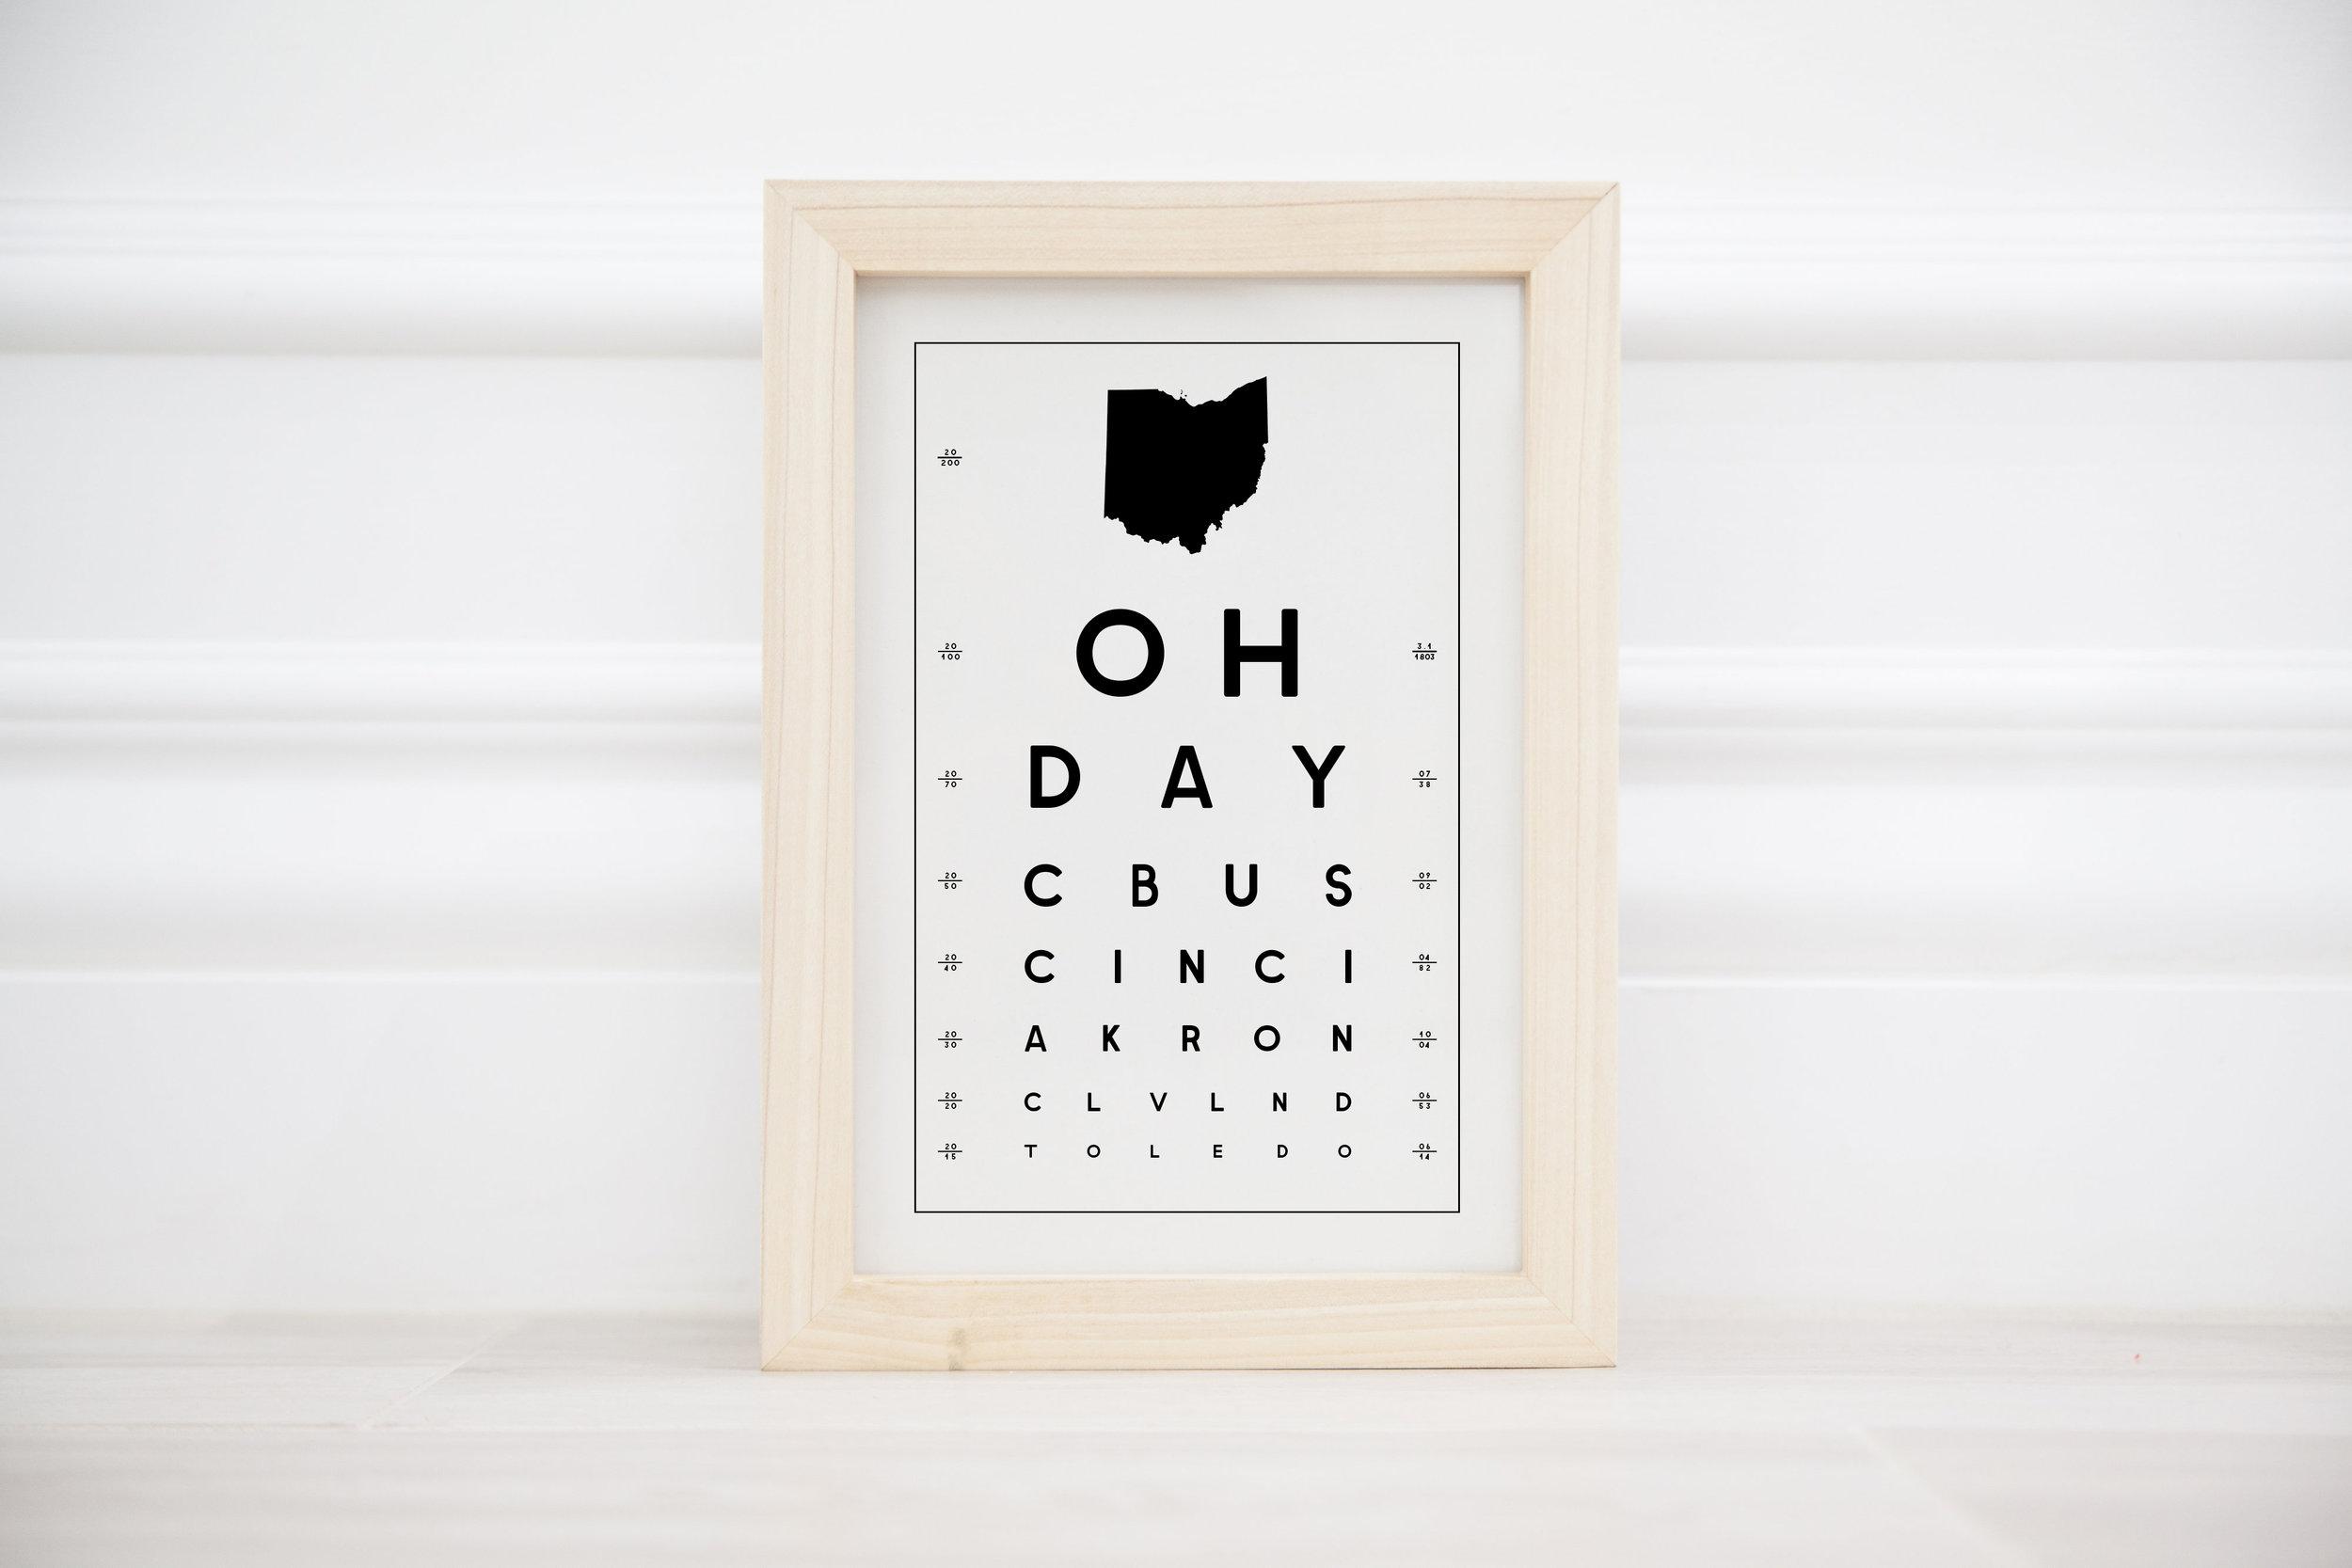 OH eye chart